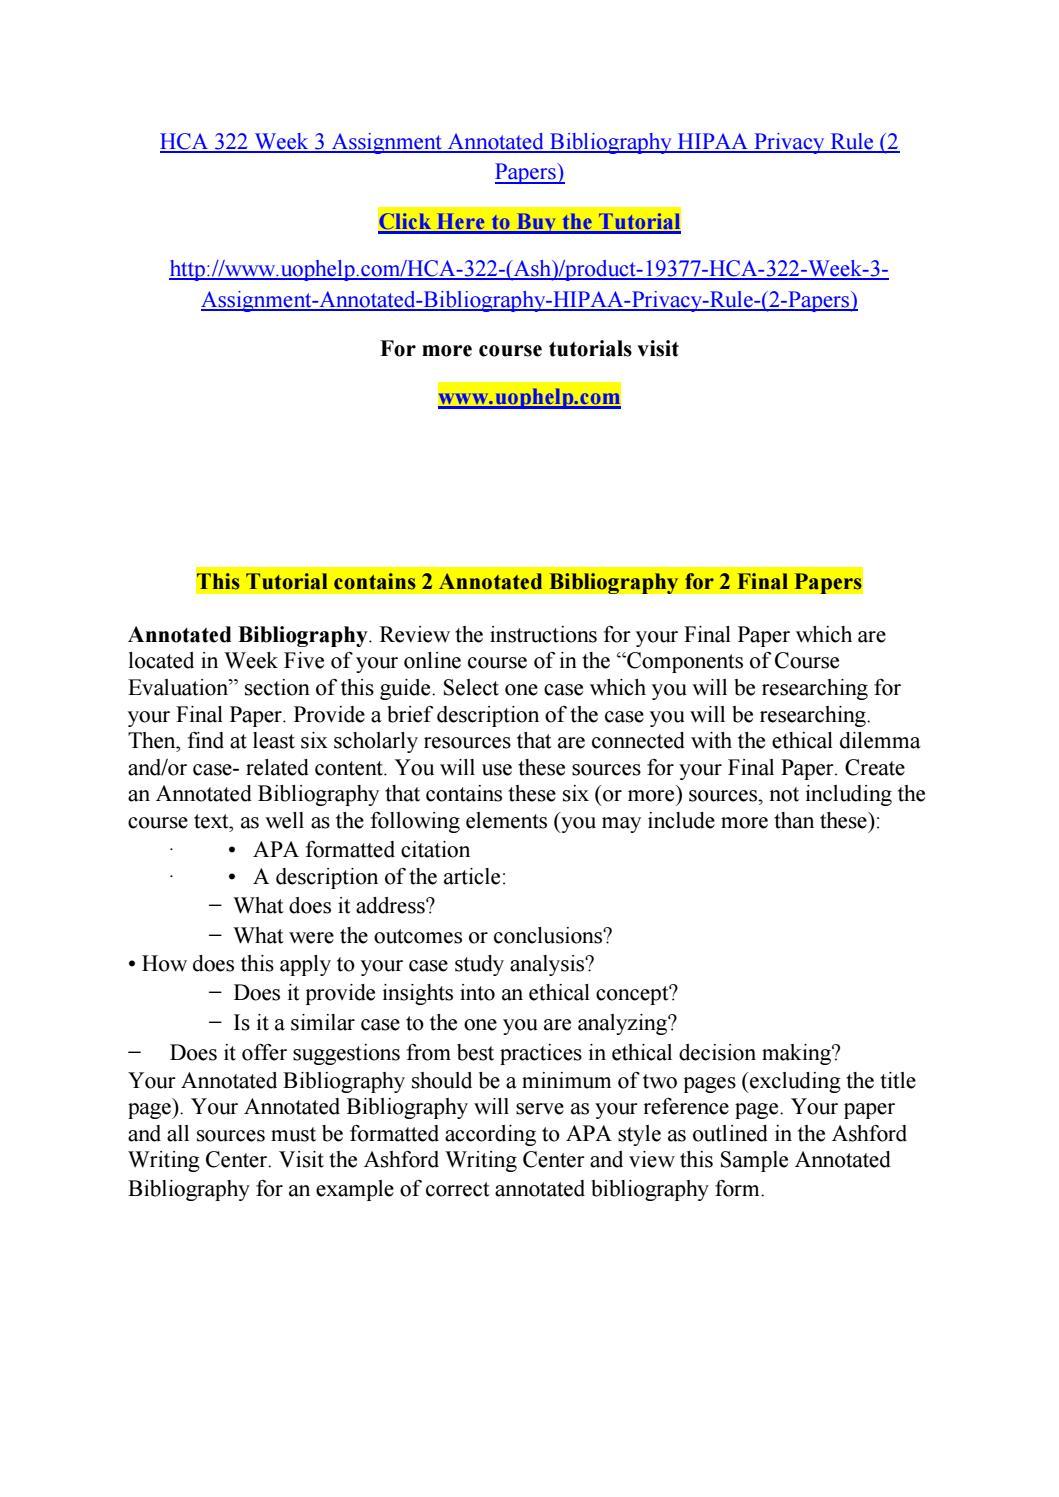 HCA 322 EDU Successful Learning/hca322edu.com